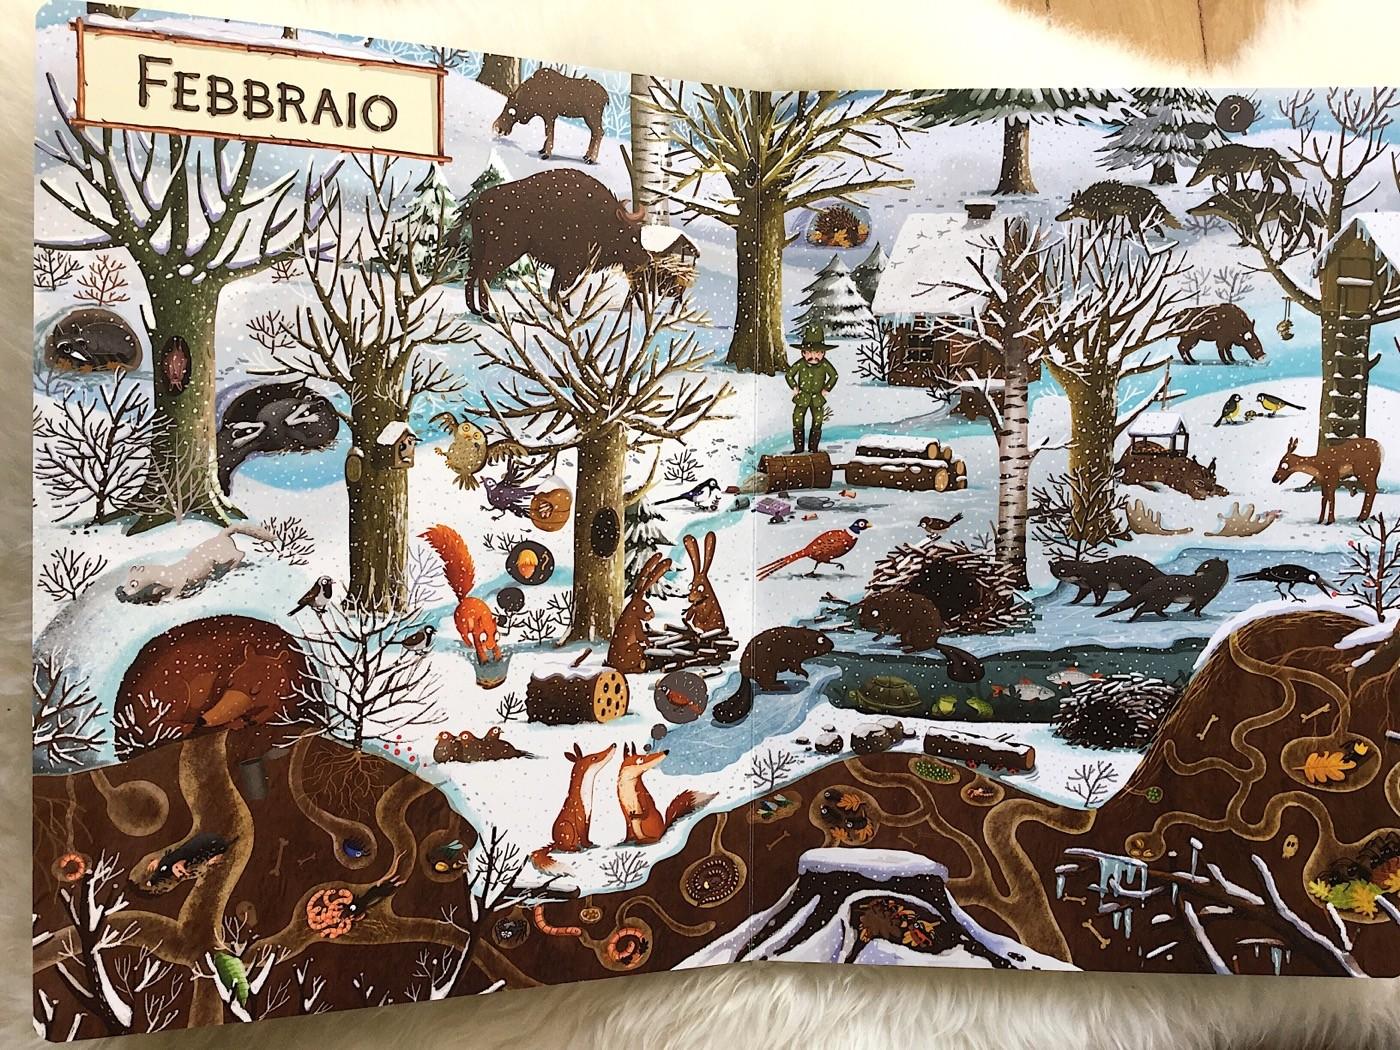 Anno-foresta-Emilia-Dziubak_Fabbri-Editori-Galline-Volanti